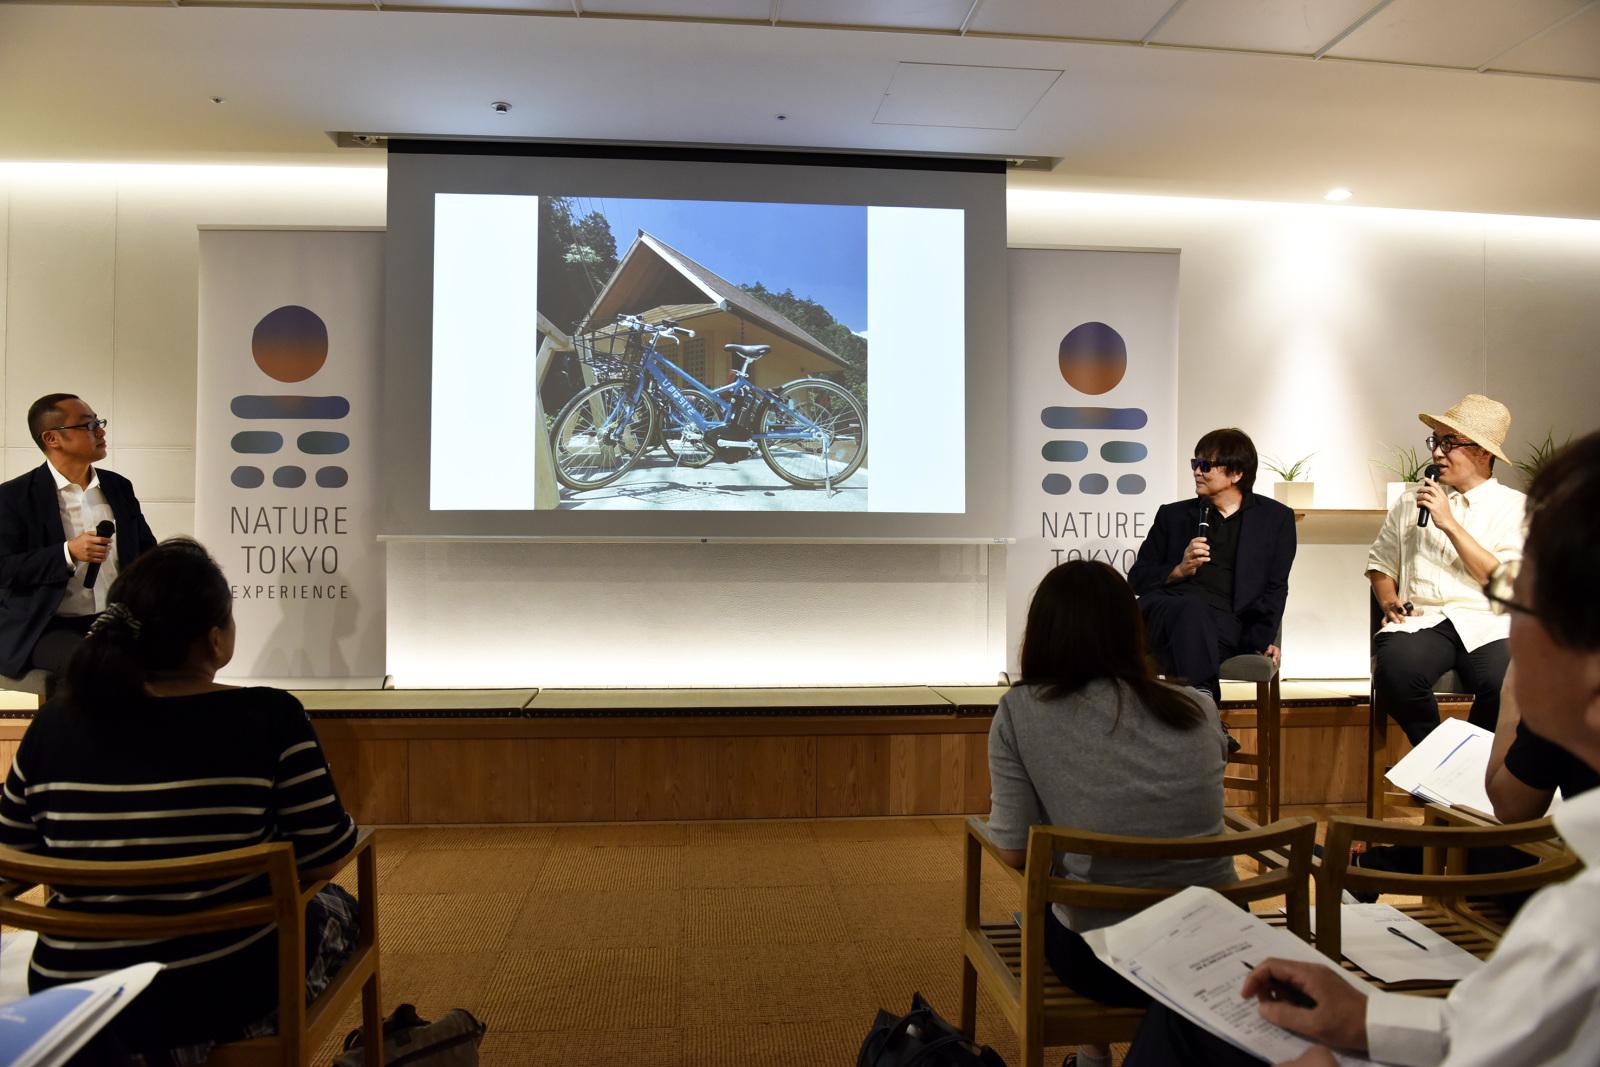 メインの講演者として登壇した『流石創造集団株式会社』CEOの黒﨑輝男さん(右から2人目)と、檜原村の観光情報発信担当として活躍している清田直博さん